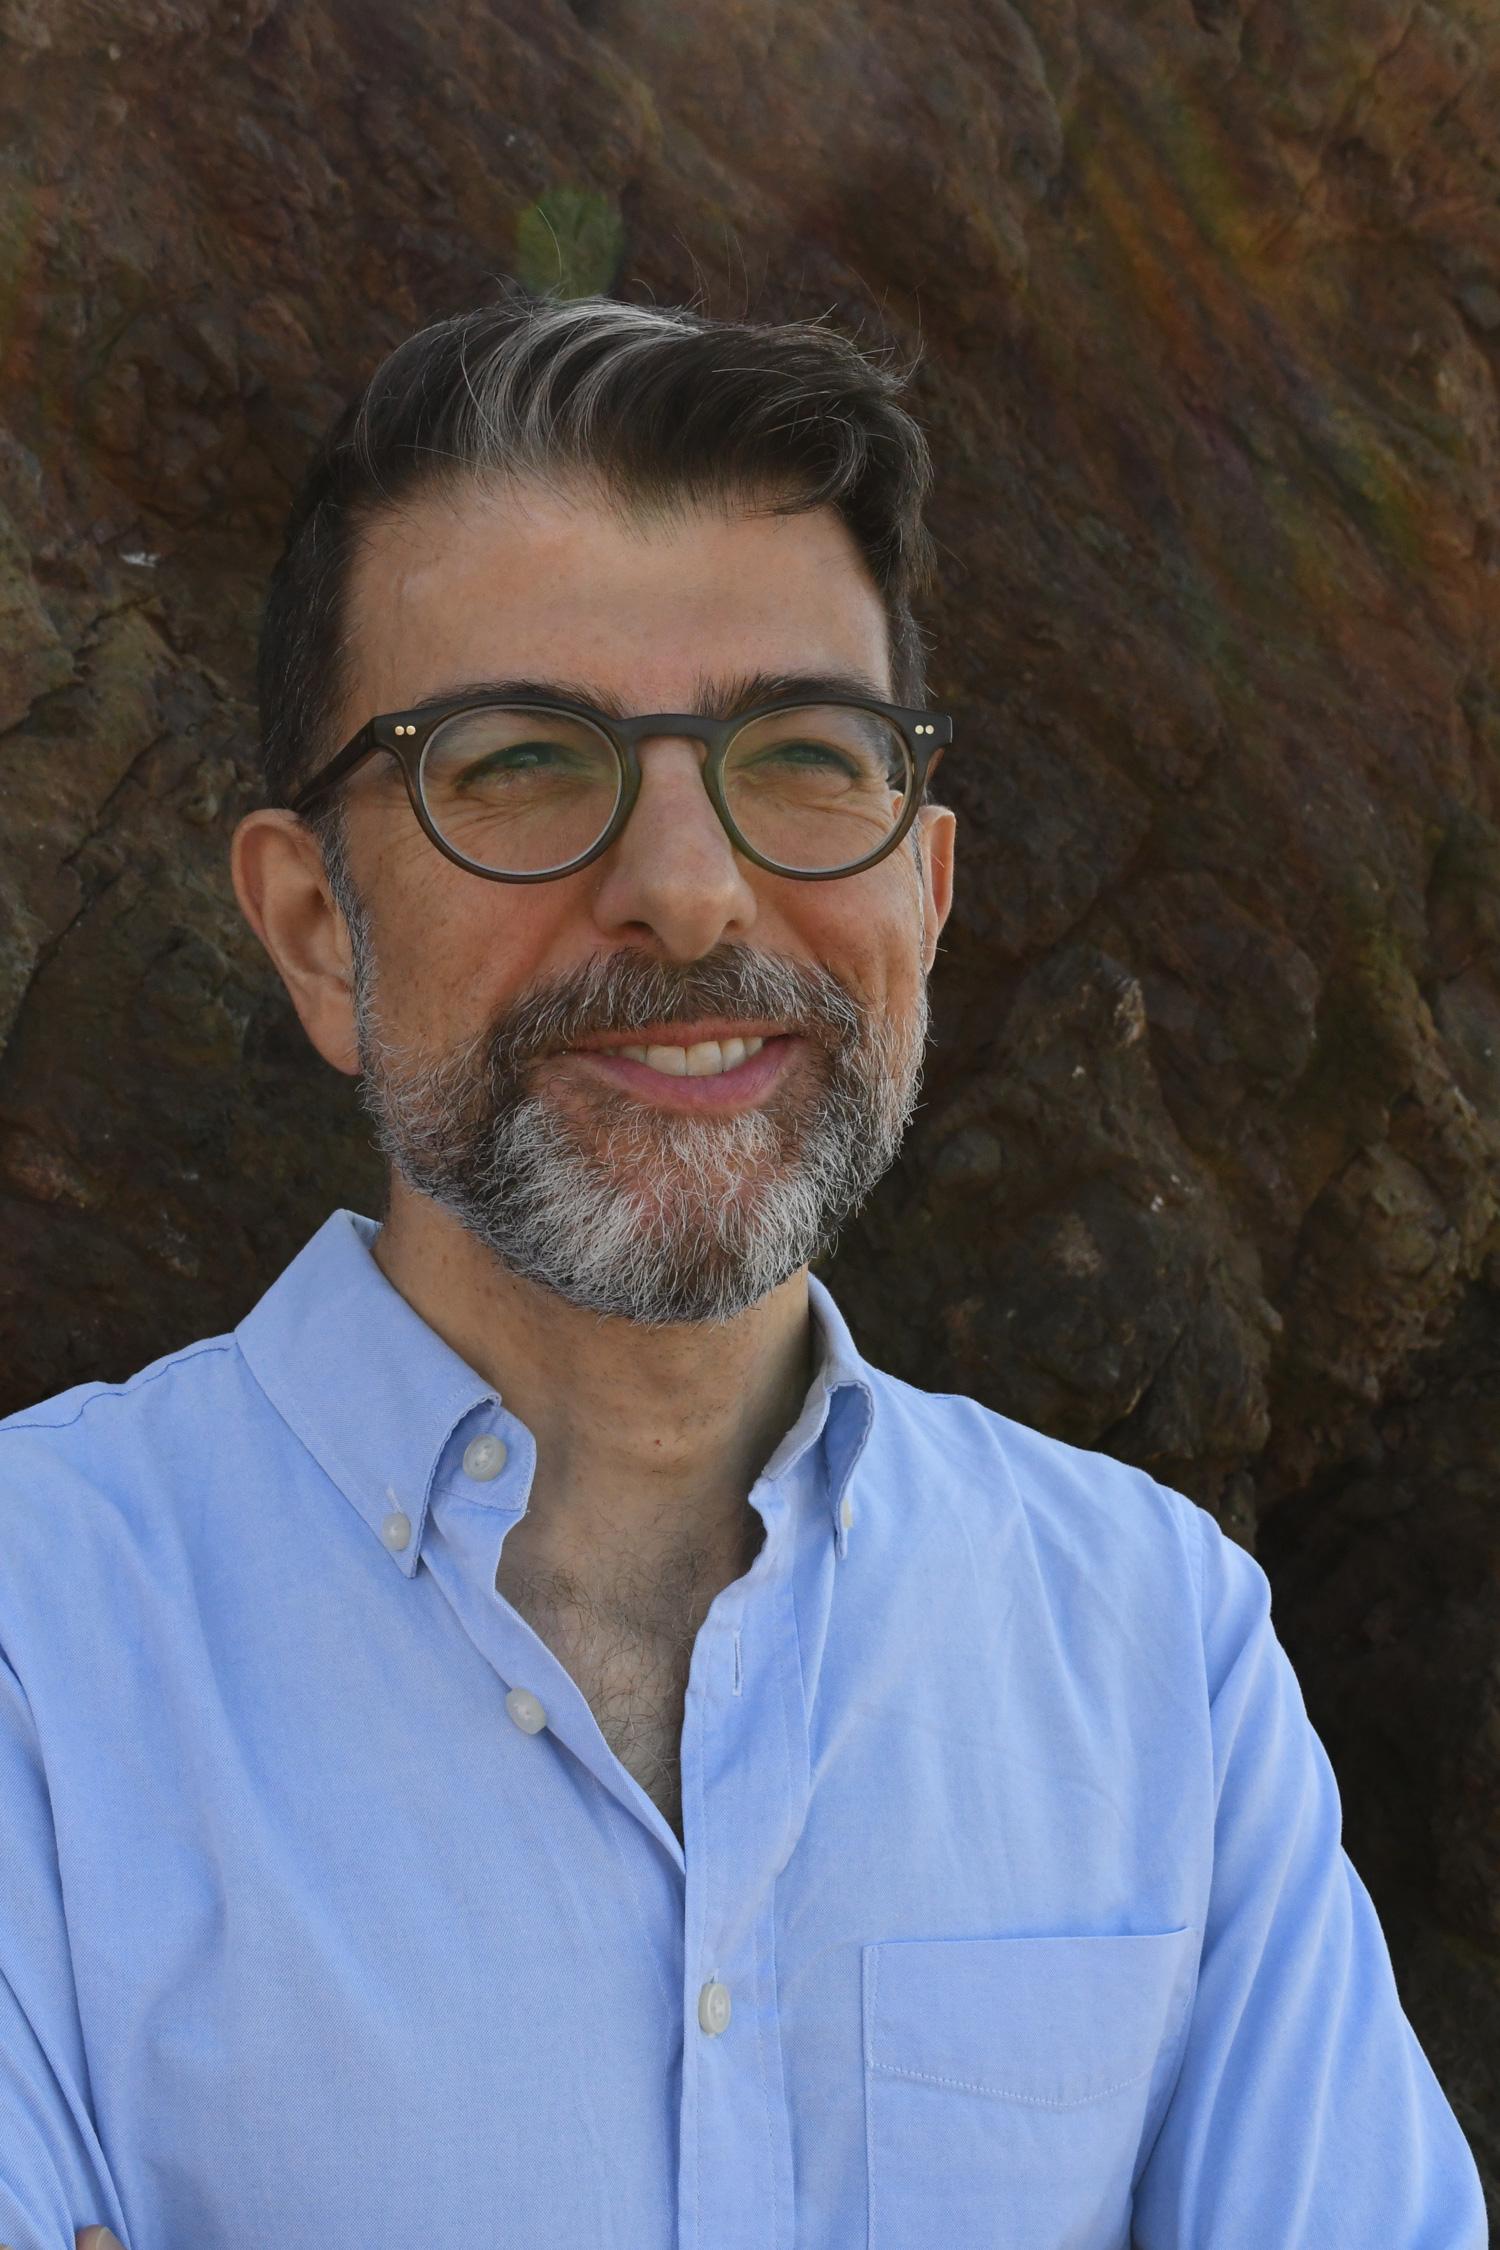 Peter at Marin headlands